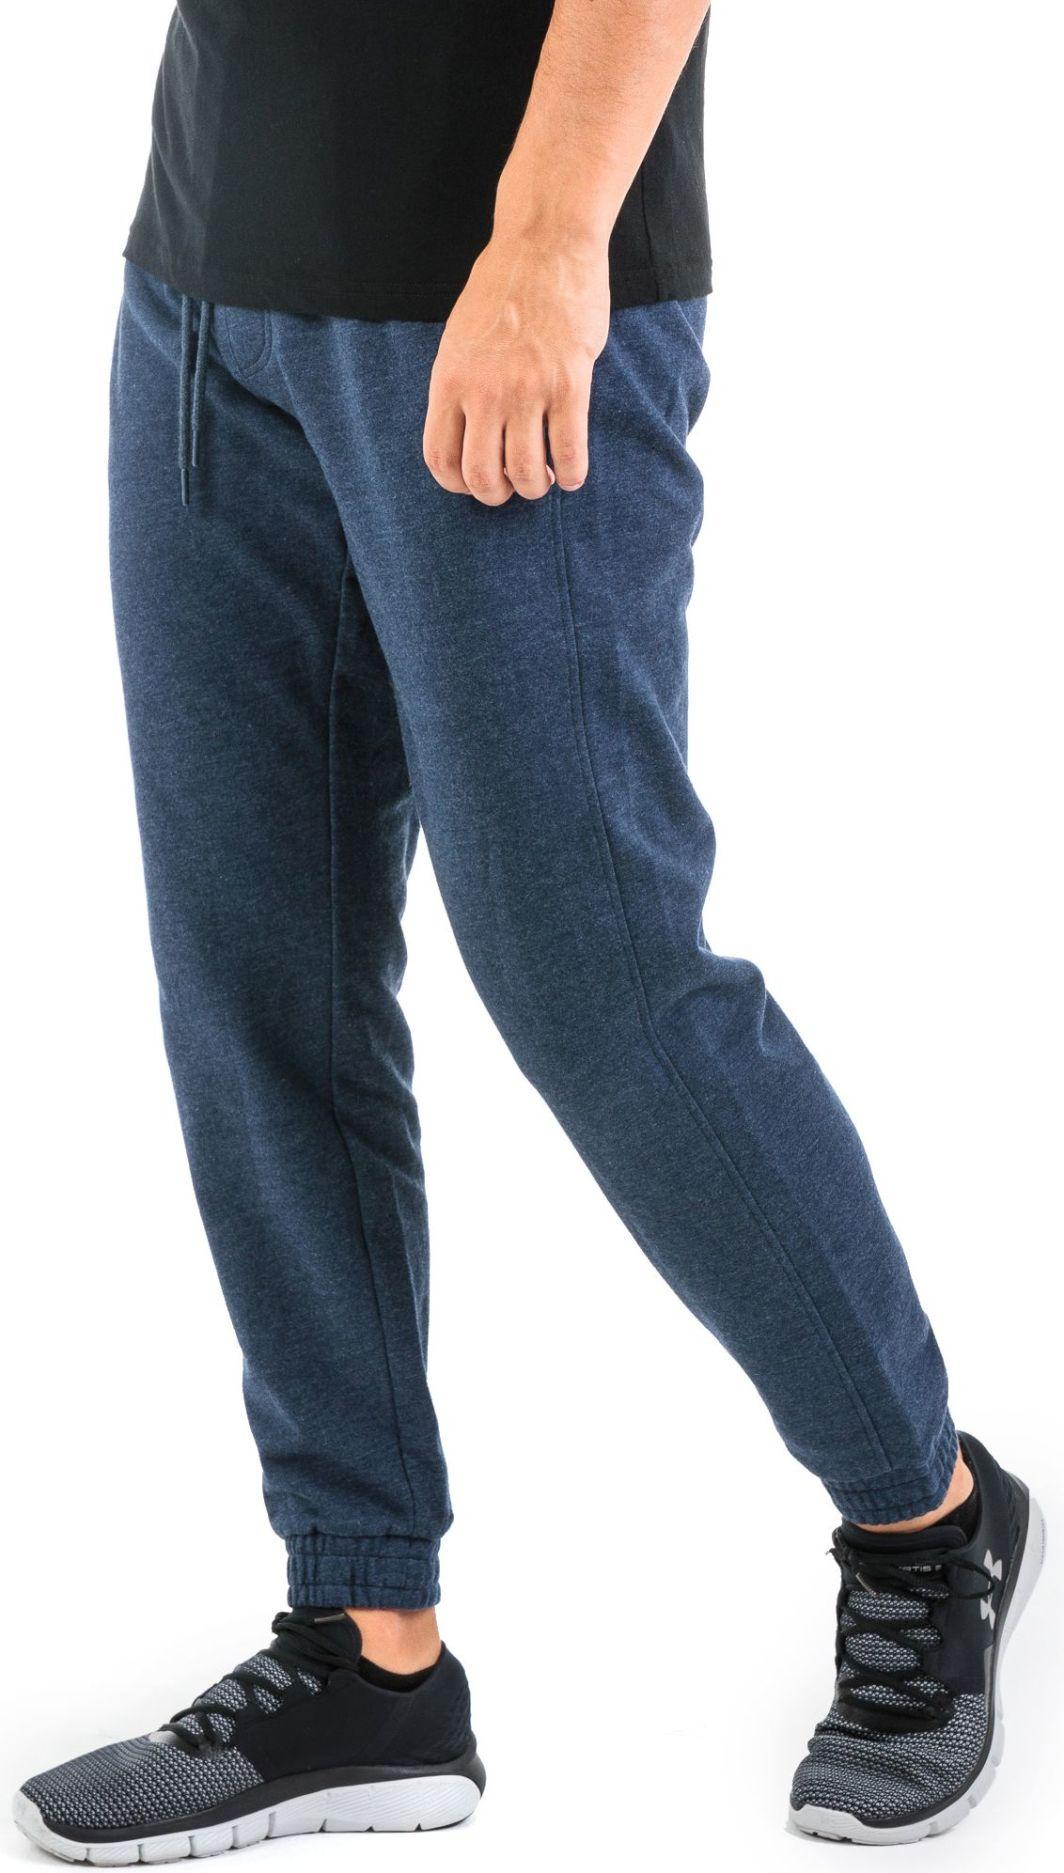 4f Spodnie męskie H4Z18-SPMD001 niebieskie r. M 1